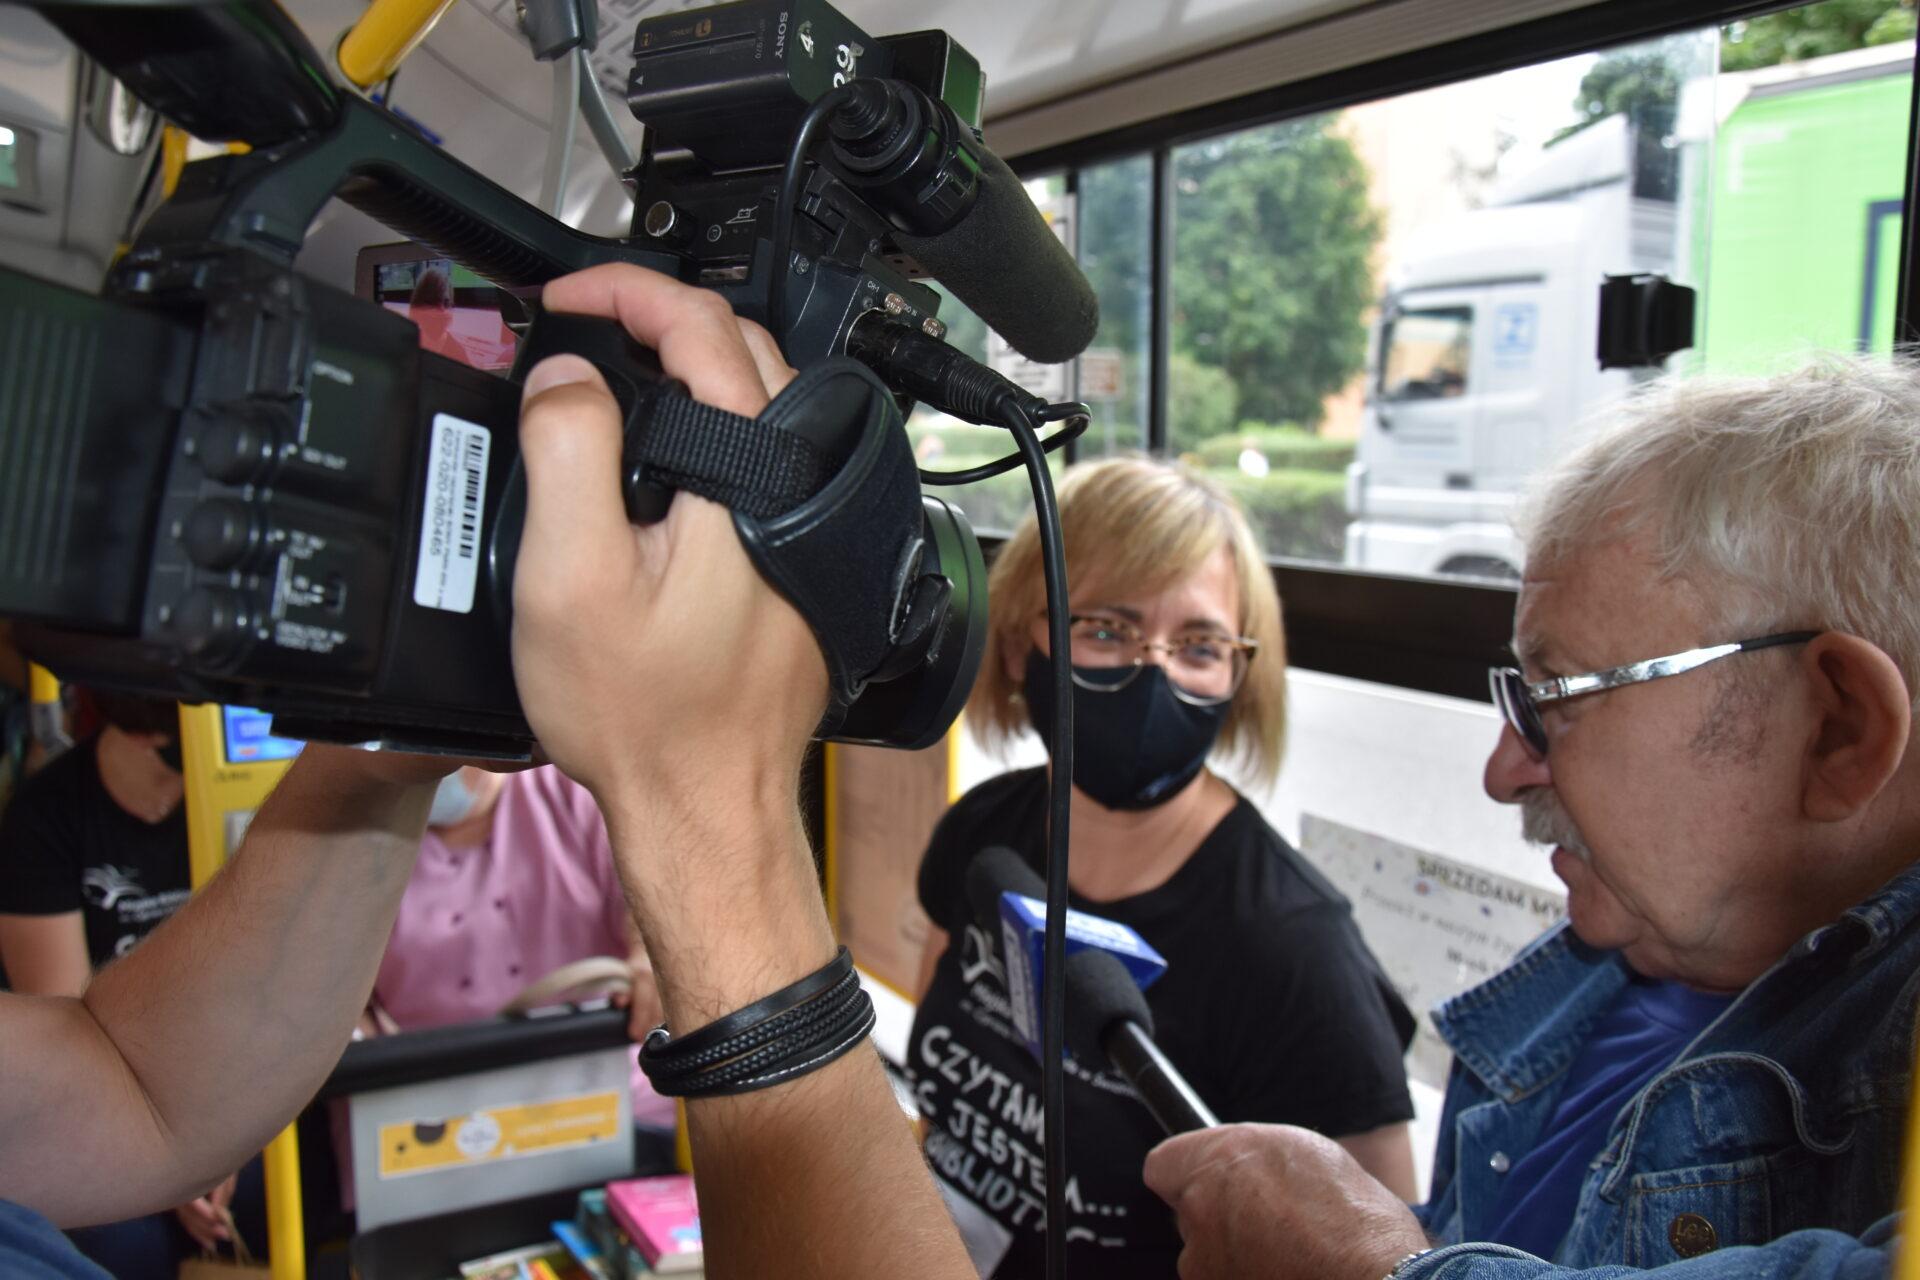 kierownik Wypożyczalni Naukowej i Czytelni Czasopism z Miejskiej Biblioteki Publicznej w Świdnicy udzielająca wywiadu w autobusie